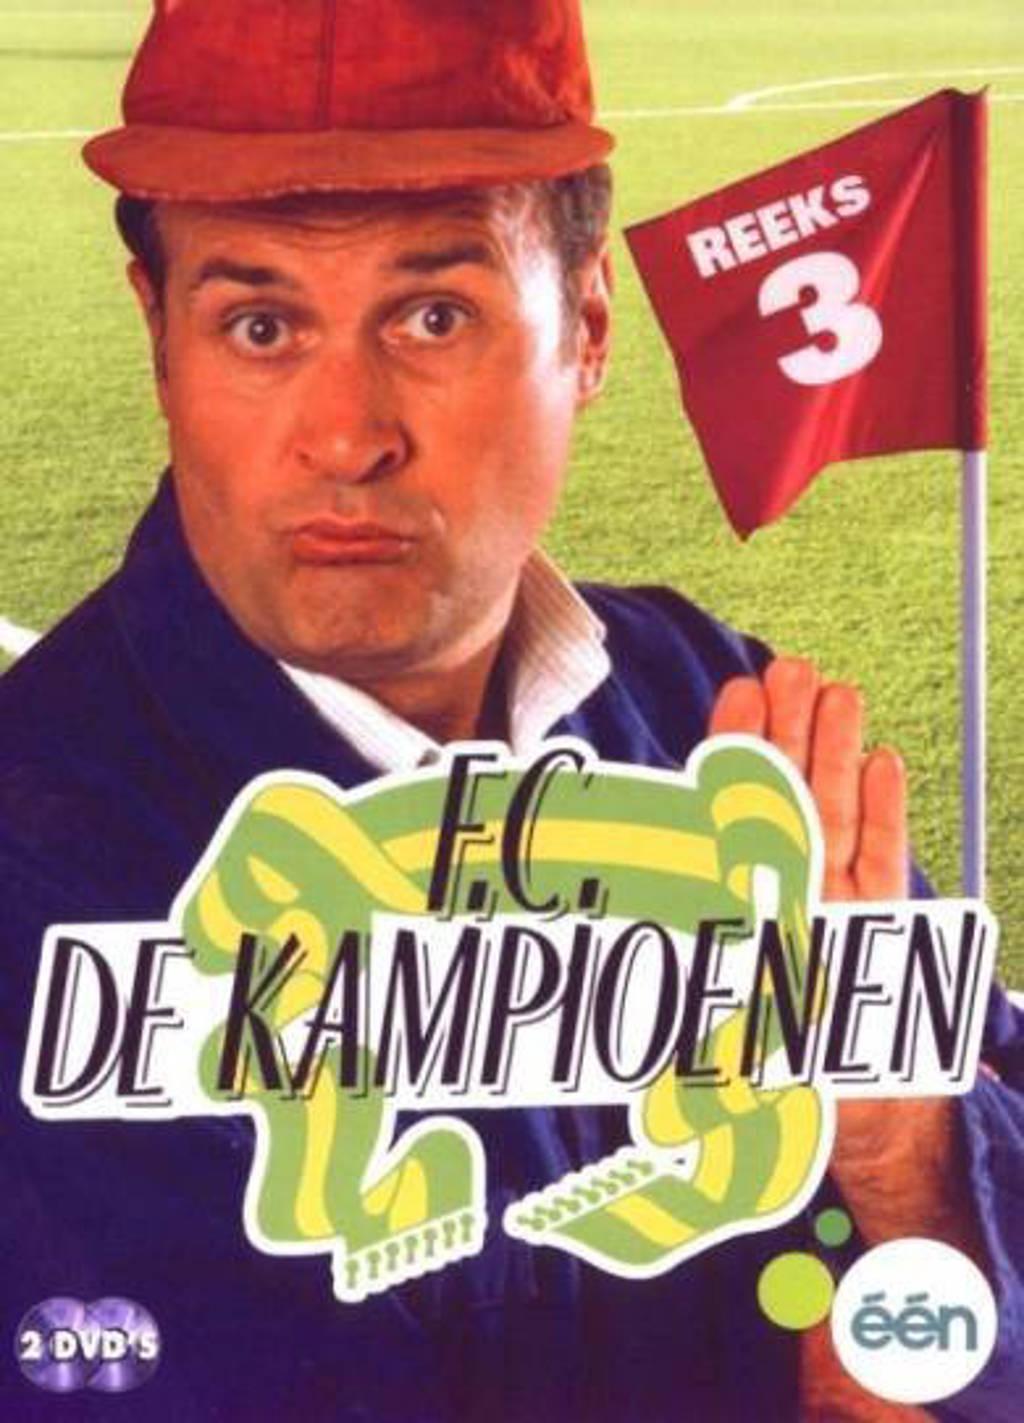 FC de kampioenen - Seizoen 3 (DVD)